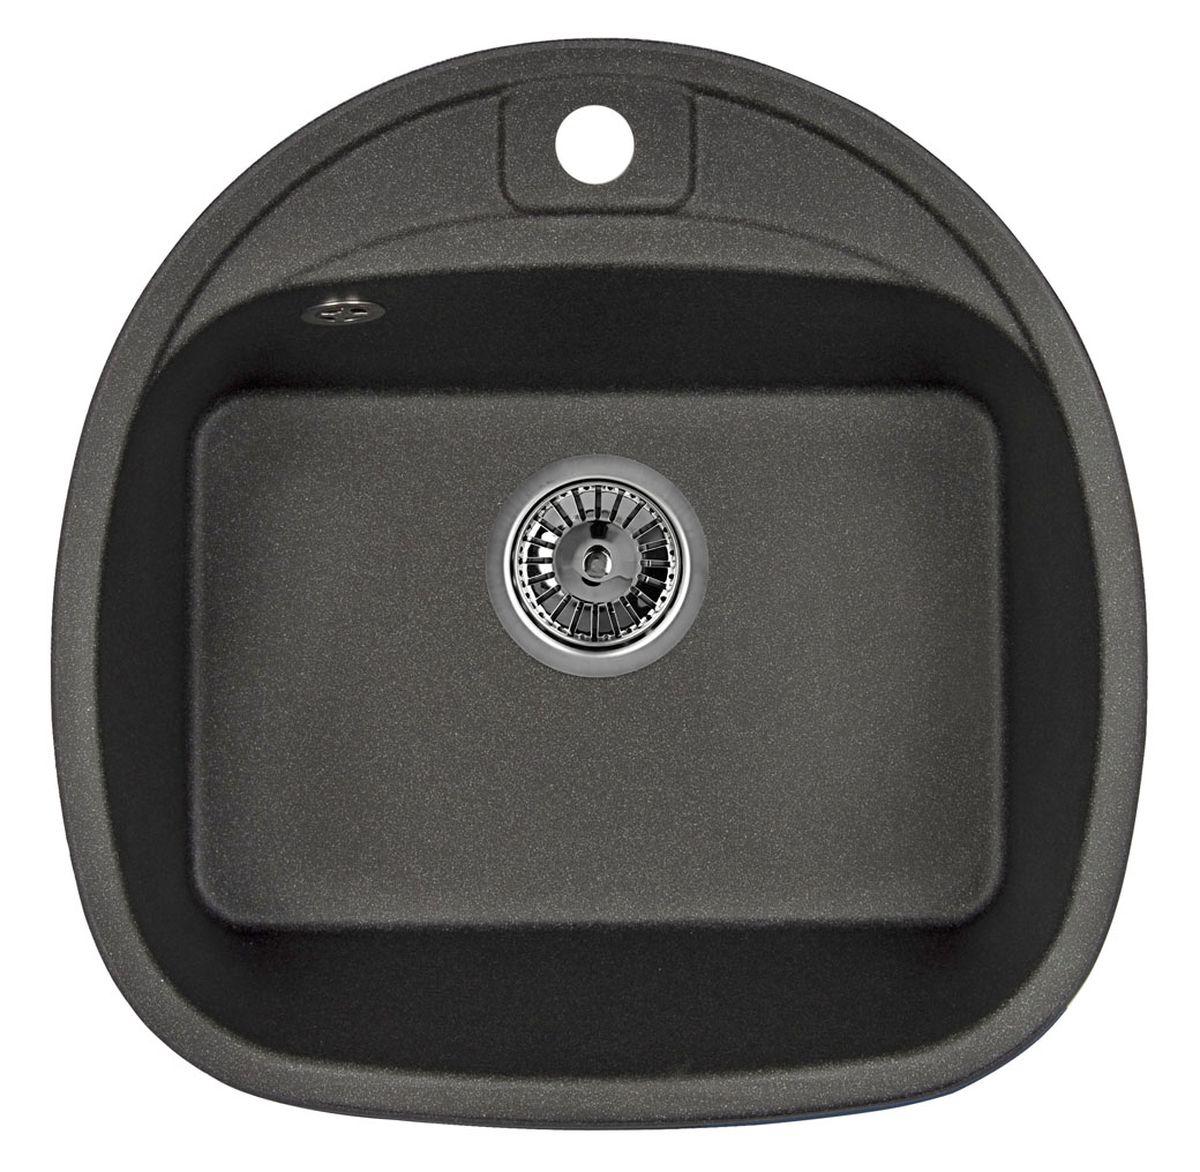 """Мойка Weissgauff """"Softline 500 Eco Granit"""", цвет: черный, 50,0 х 20,5 х 50,0 см 306215"""